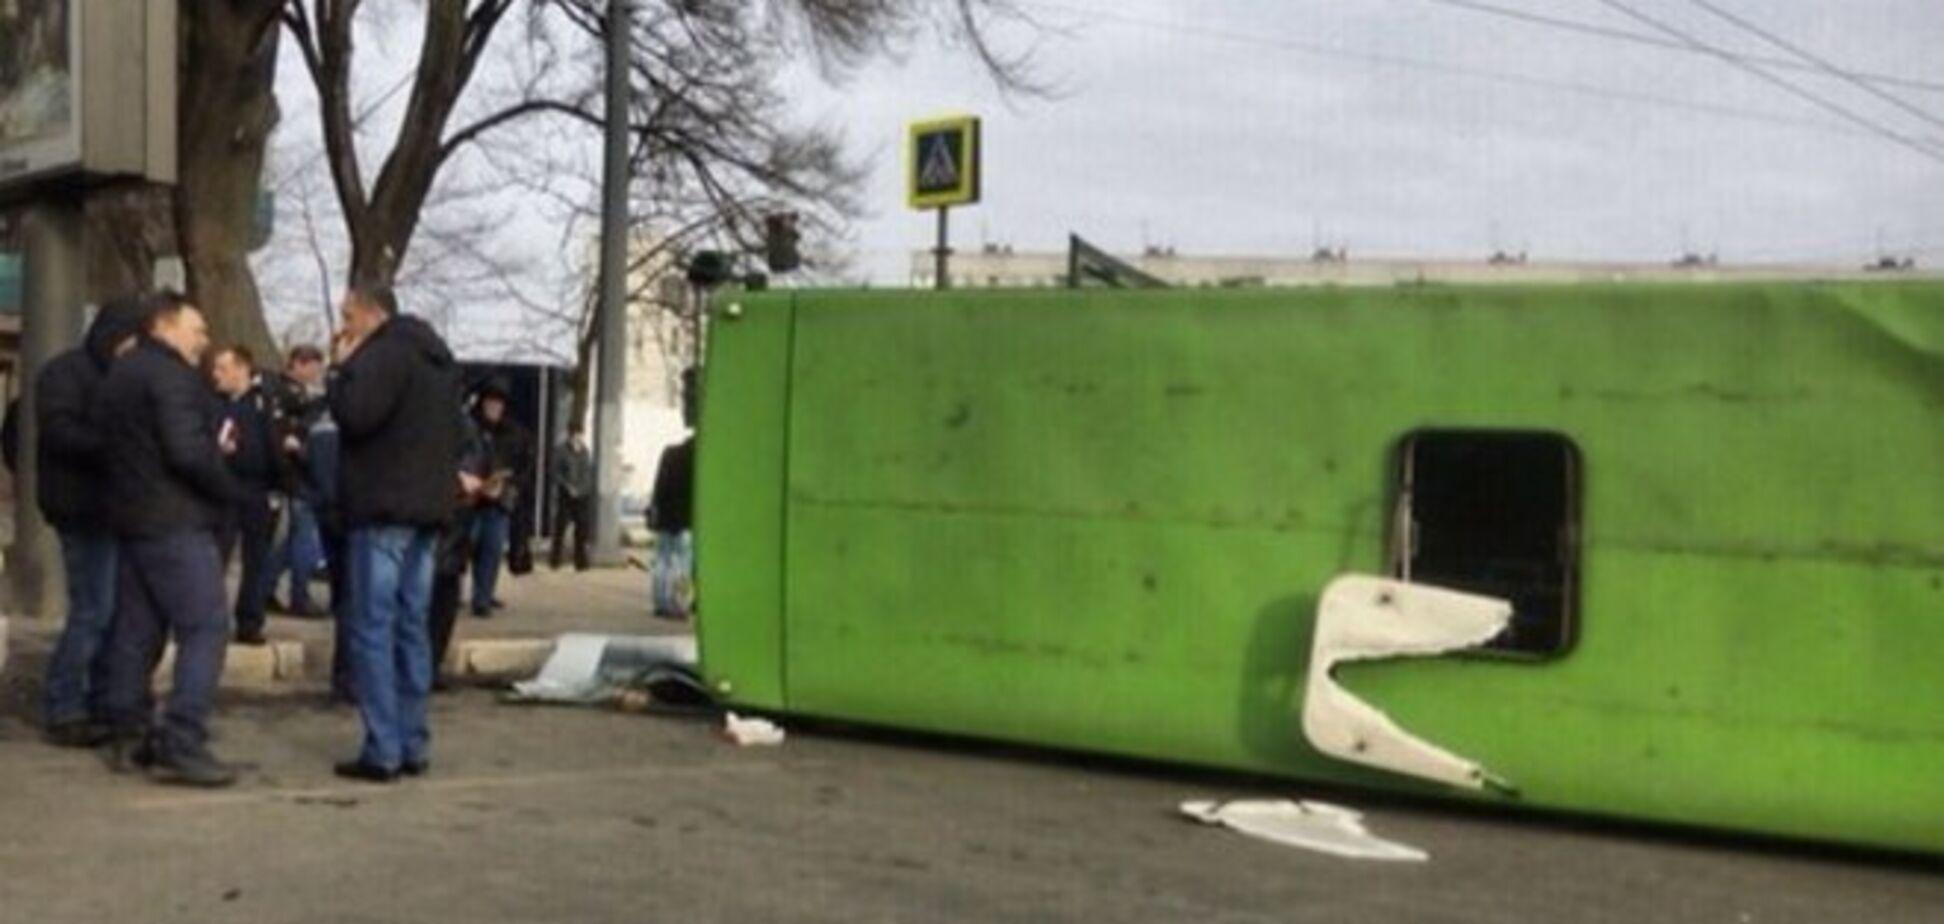 В Харькове маршрутка перевернулась после столкновения с трамваем: есть пострадавшие. Фотофакт